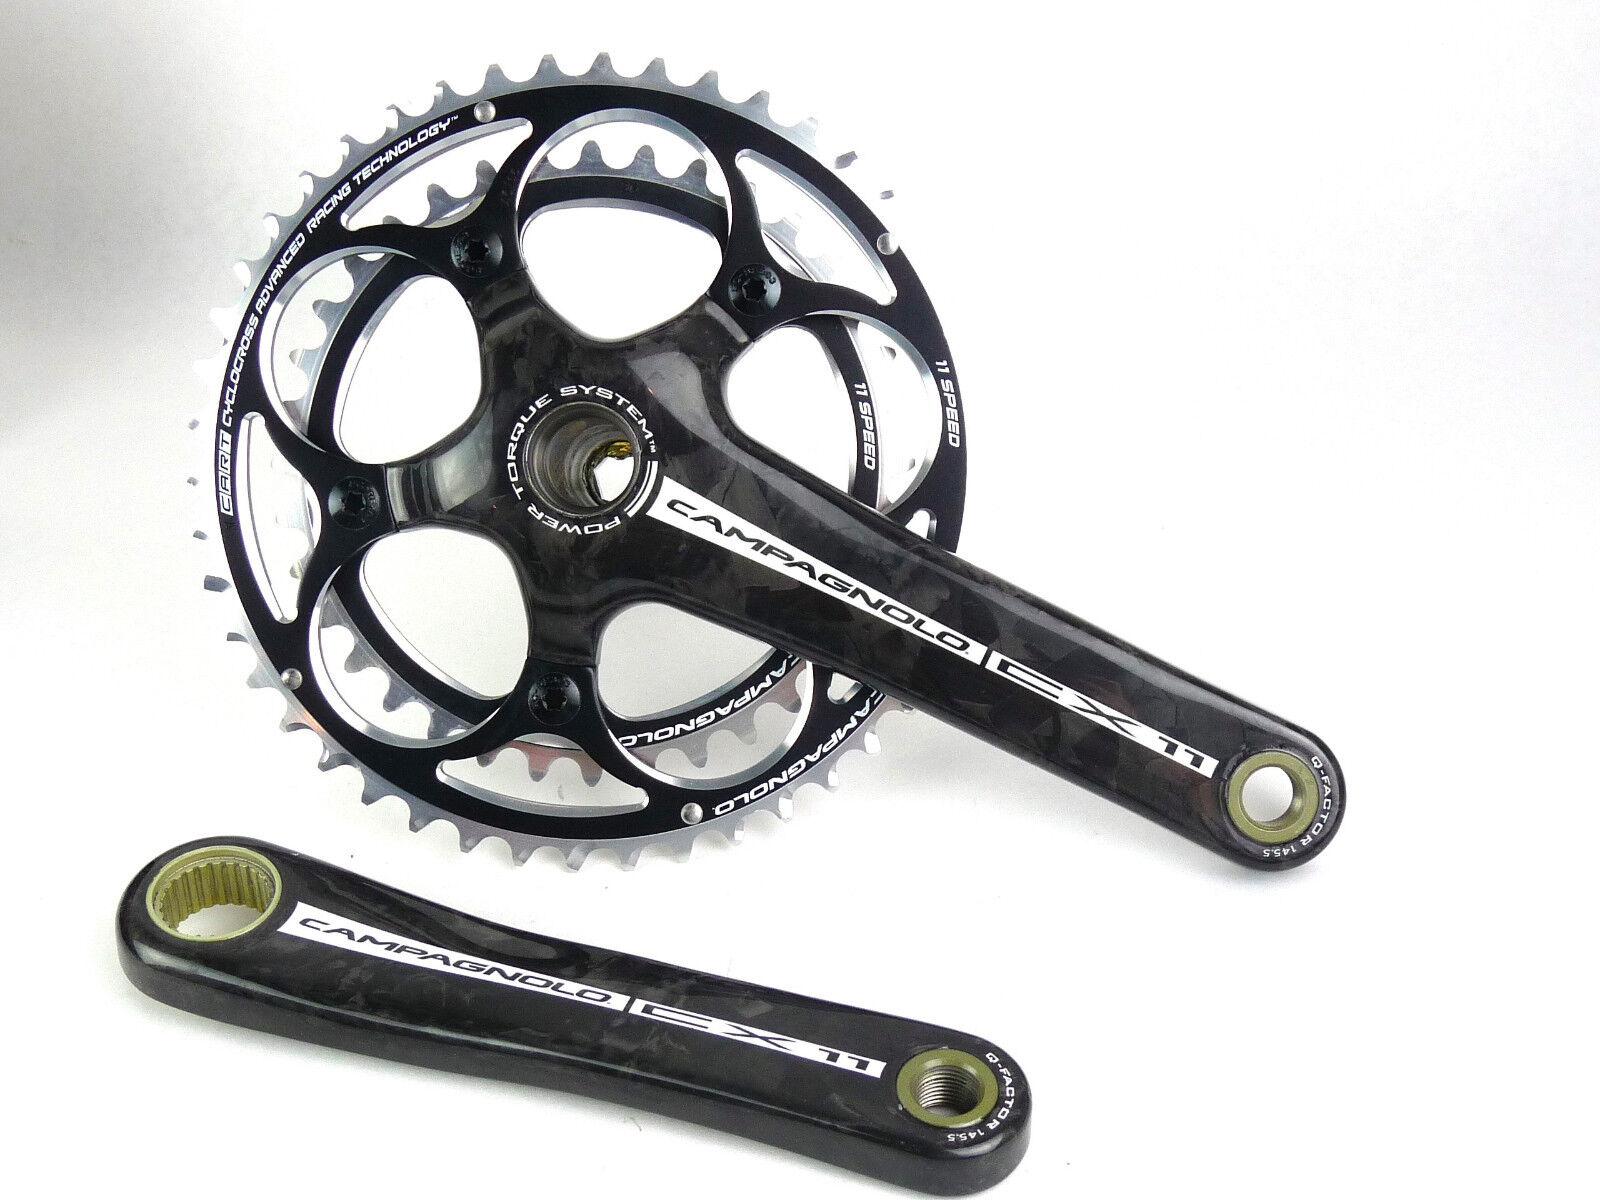 Campagnolo CX Bielas de carbono 175mm 46 36 11 Velocidad Ciclocross Nuevo